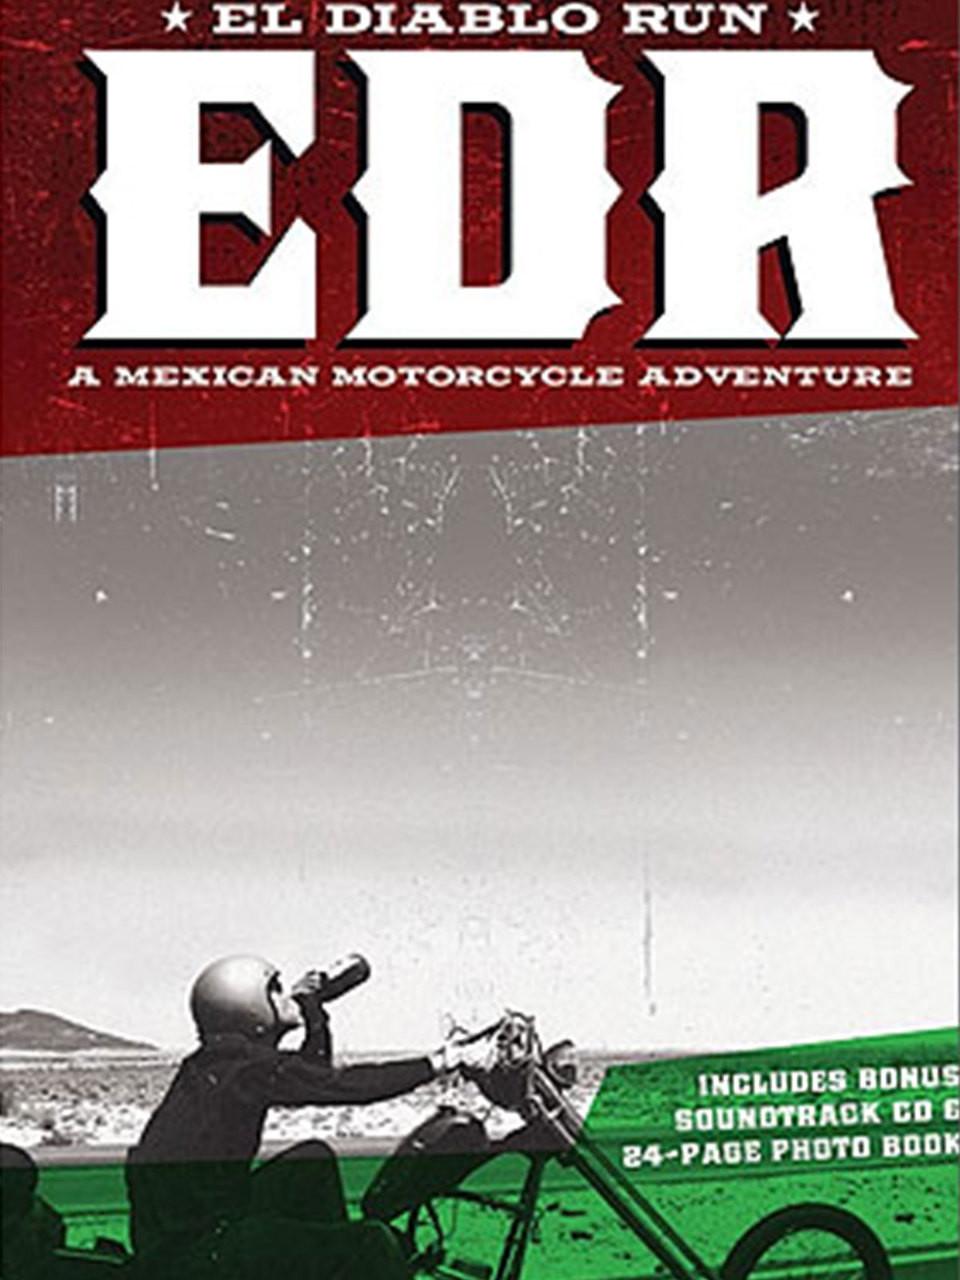 El Diablo Run (Full Movie Download)